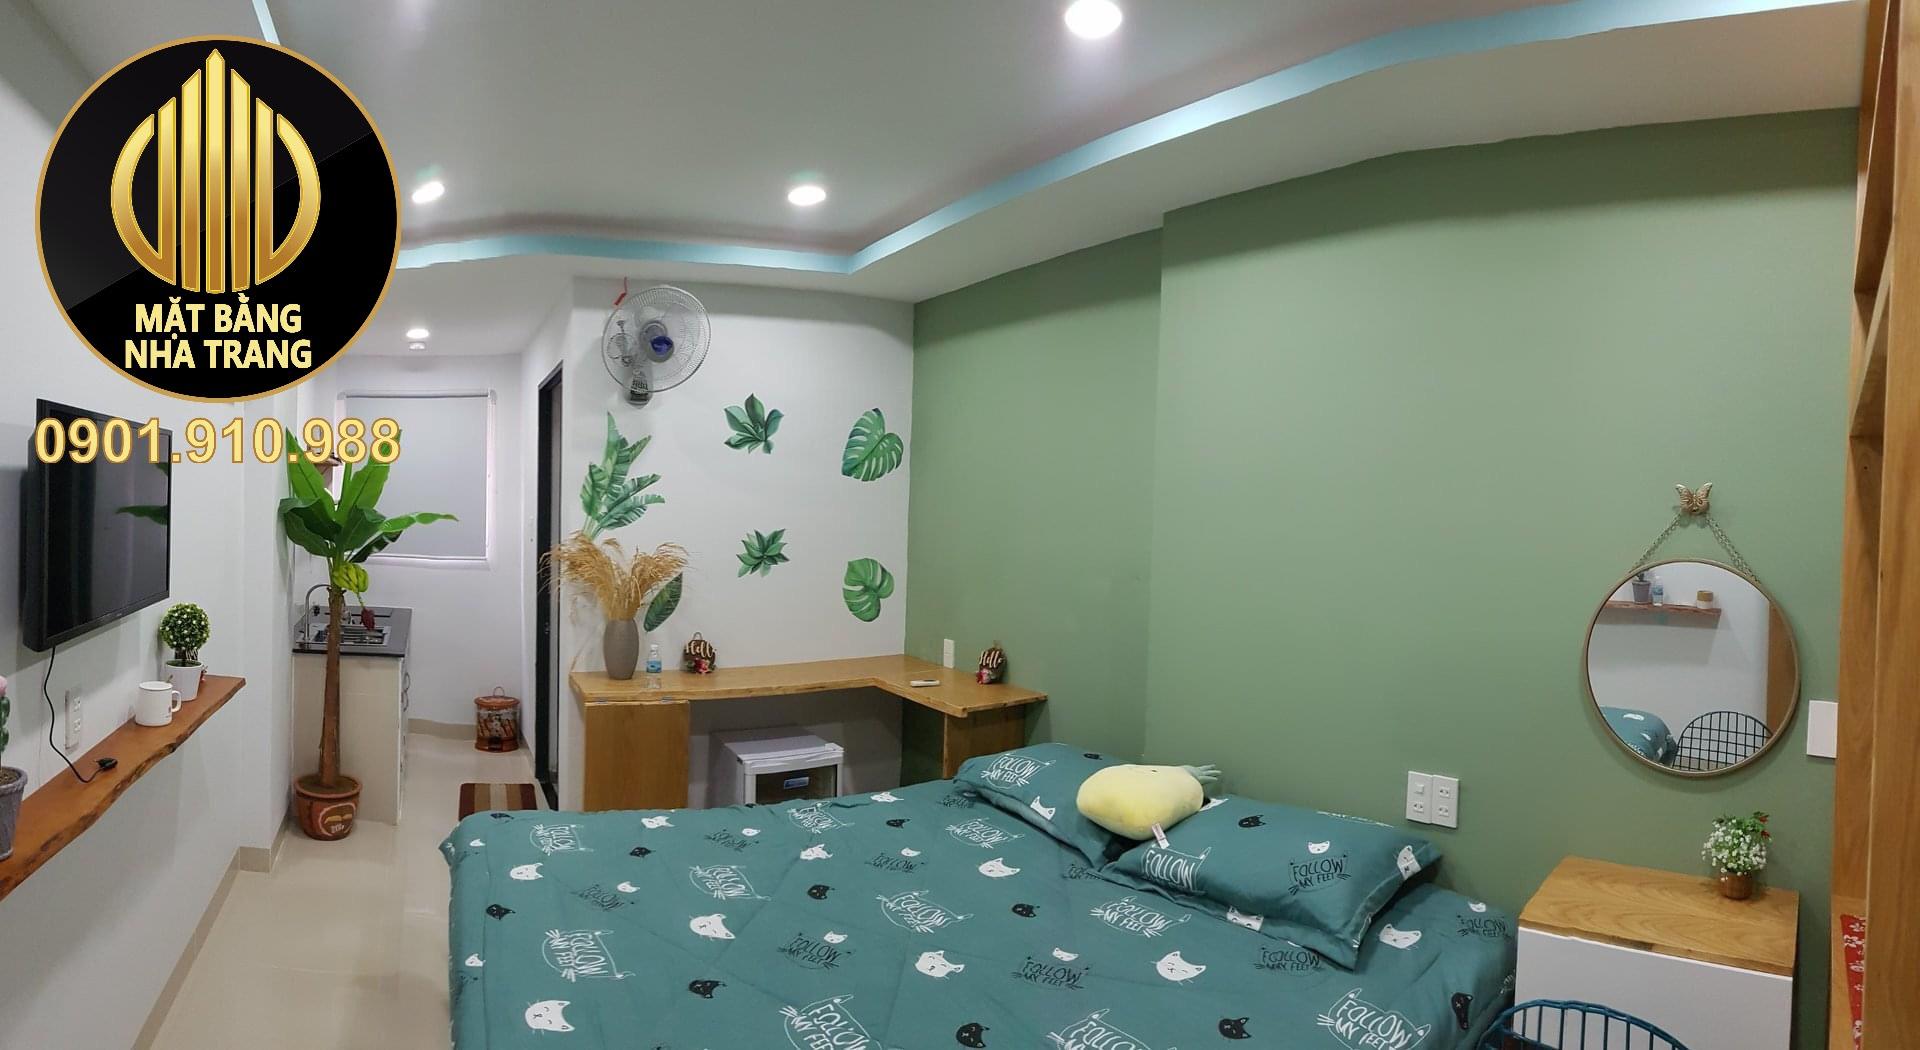 Cho thuê nhà nguyên căn đường Nguyễn Thiện Thuật thuận tiện làm Homestay hoặc khách sạn mini